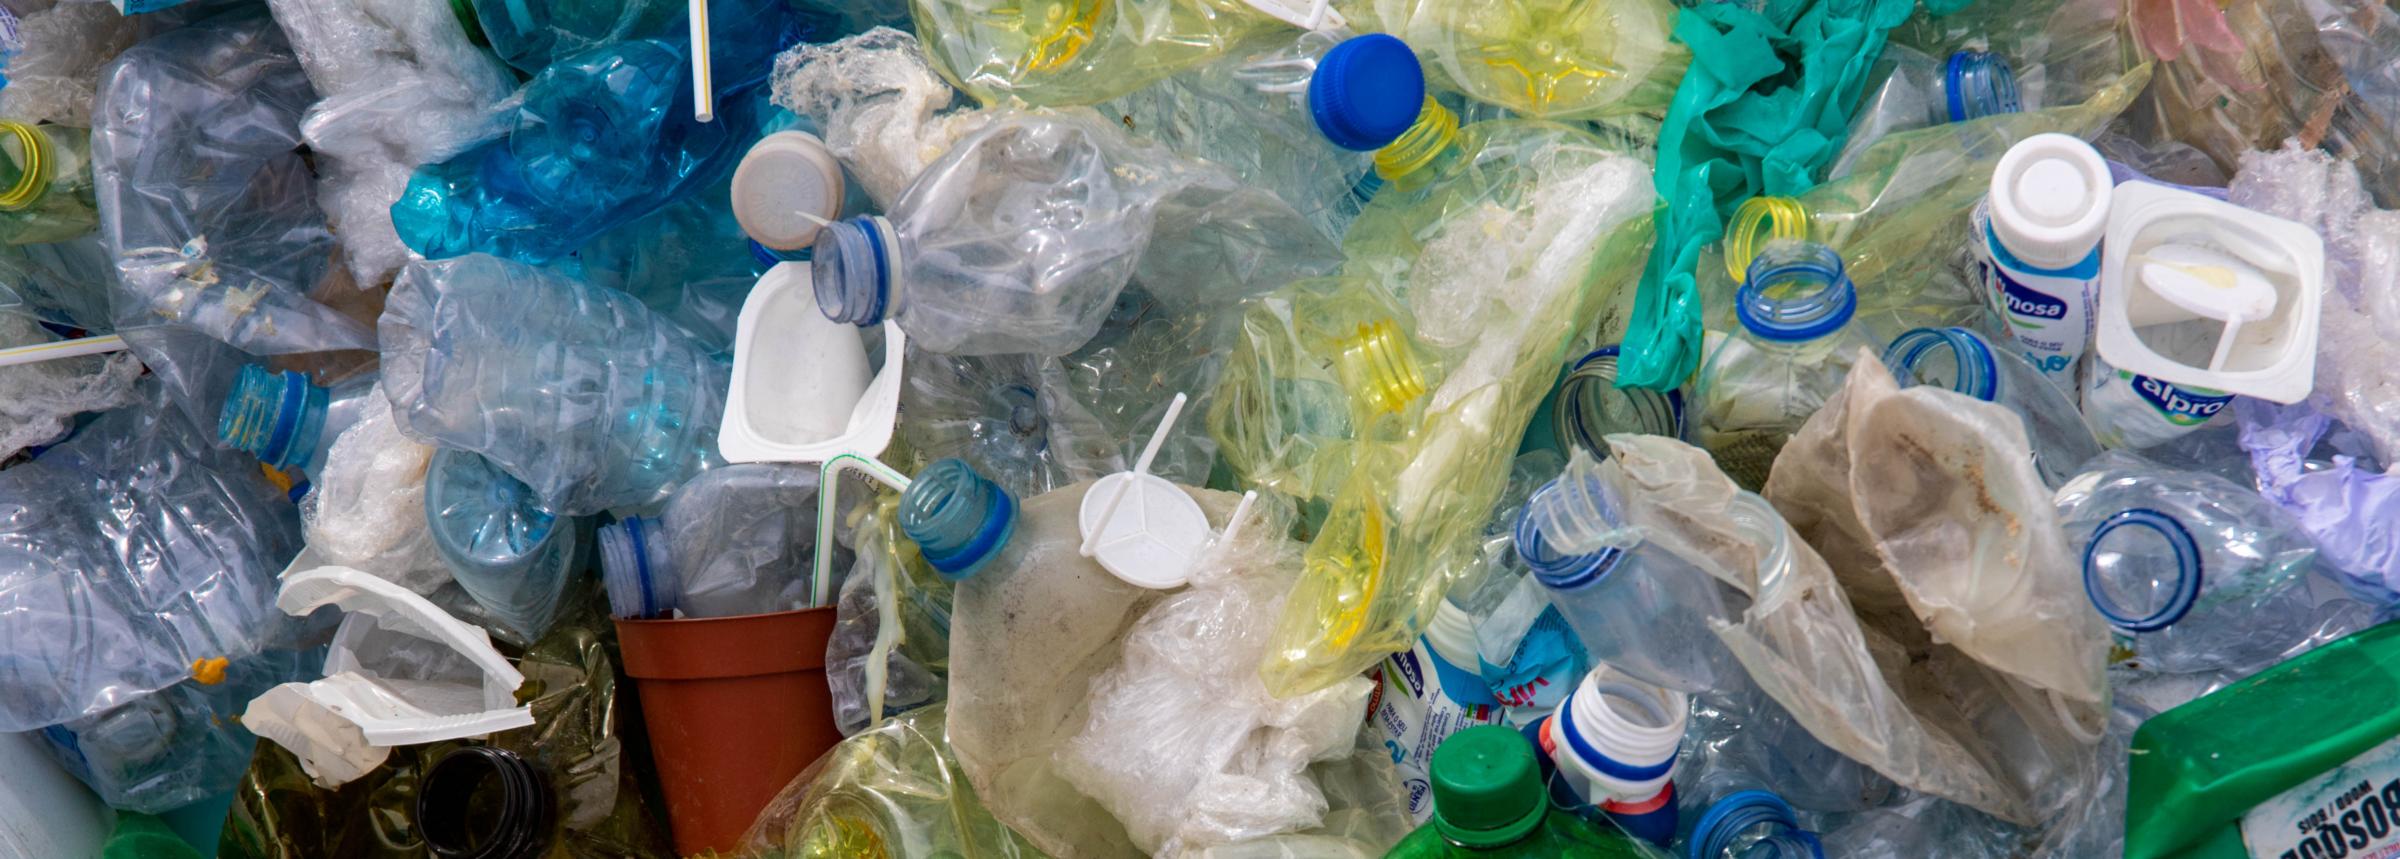 ÖGV Nachrichten: Kunststoff – wie gehen wir zukunftsfähig damit um?